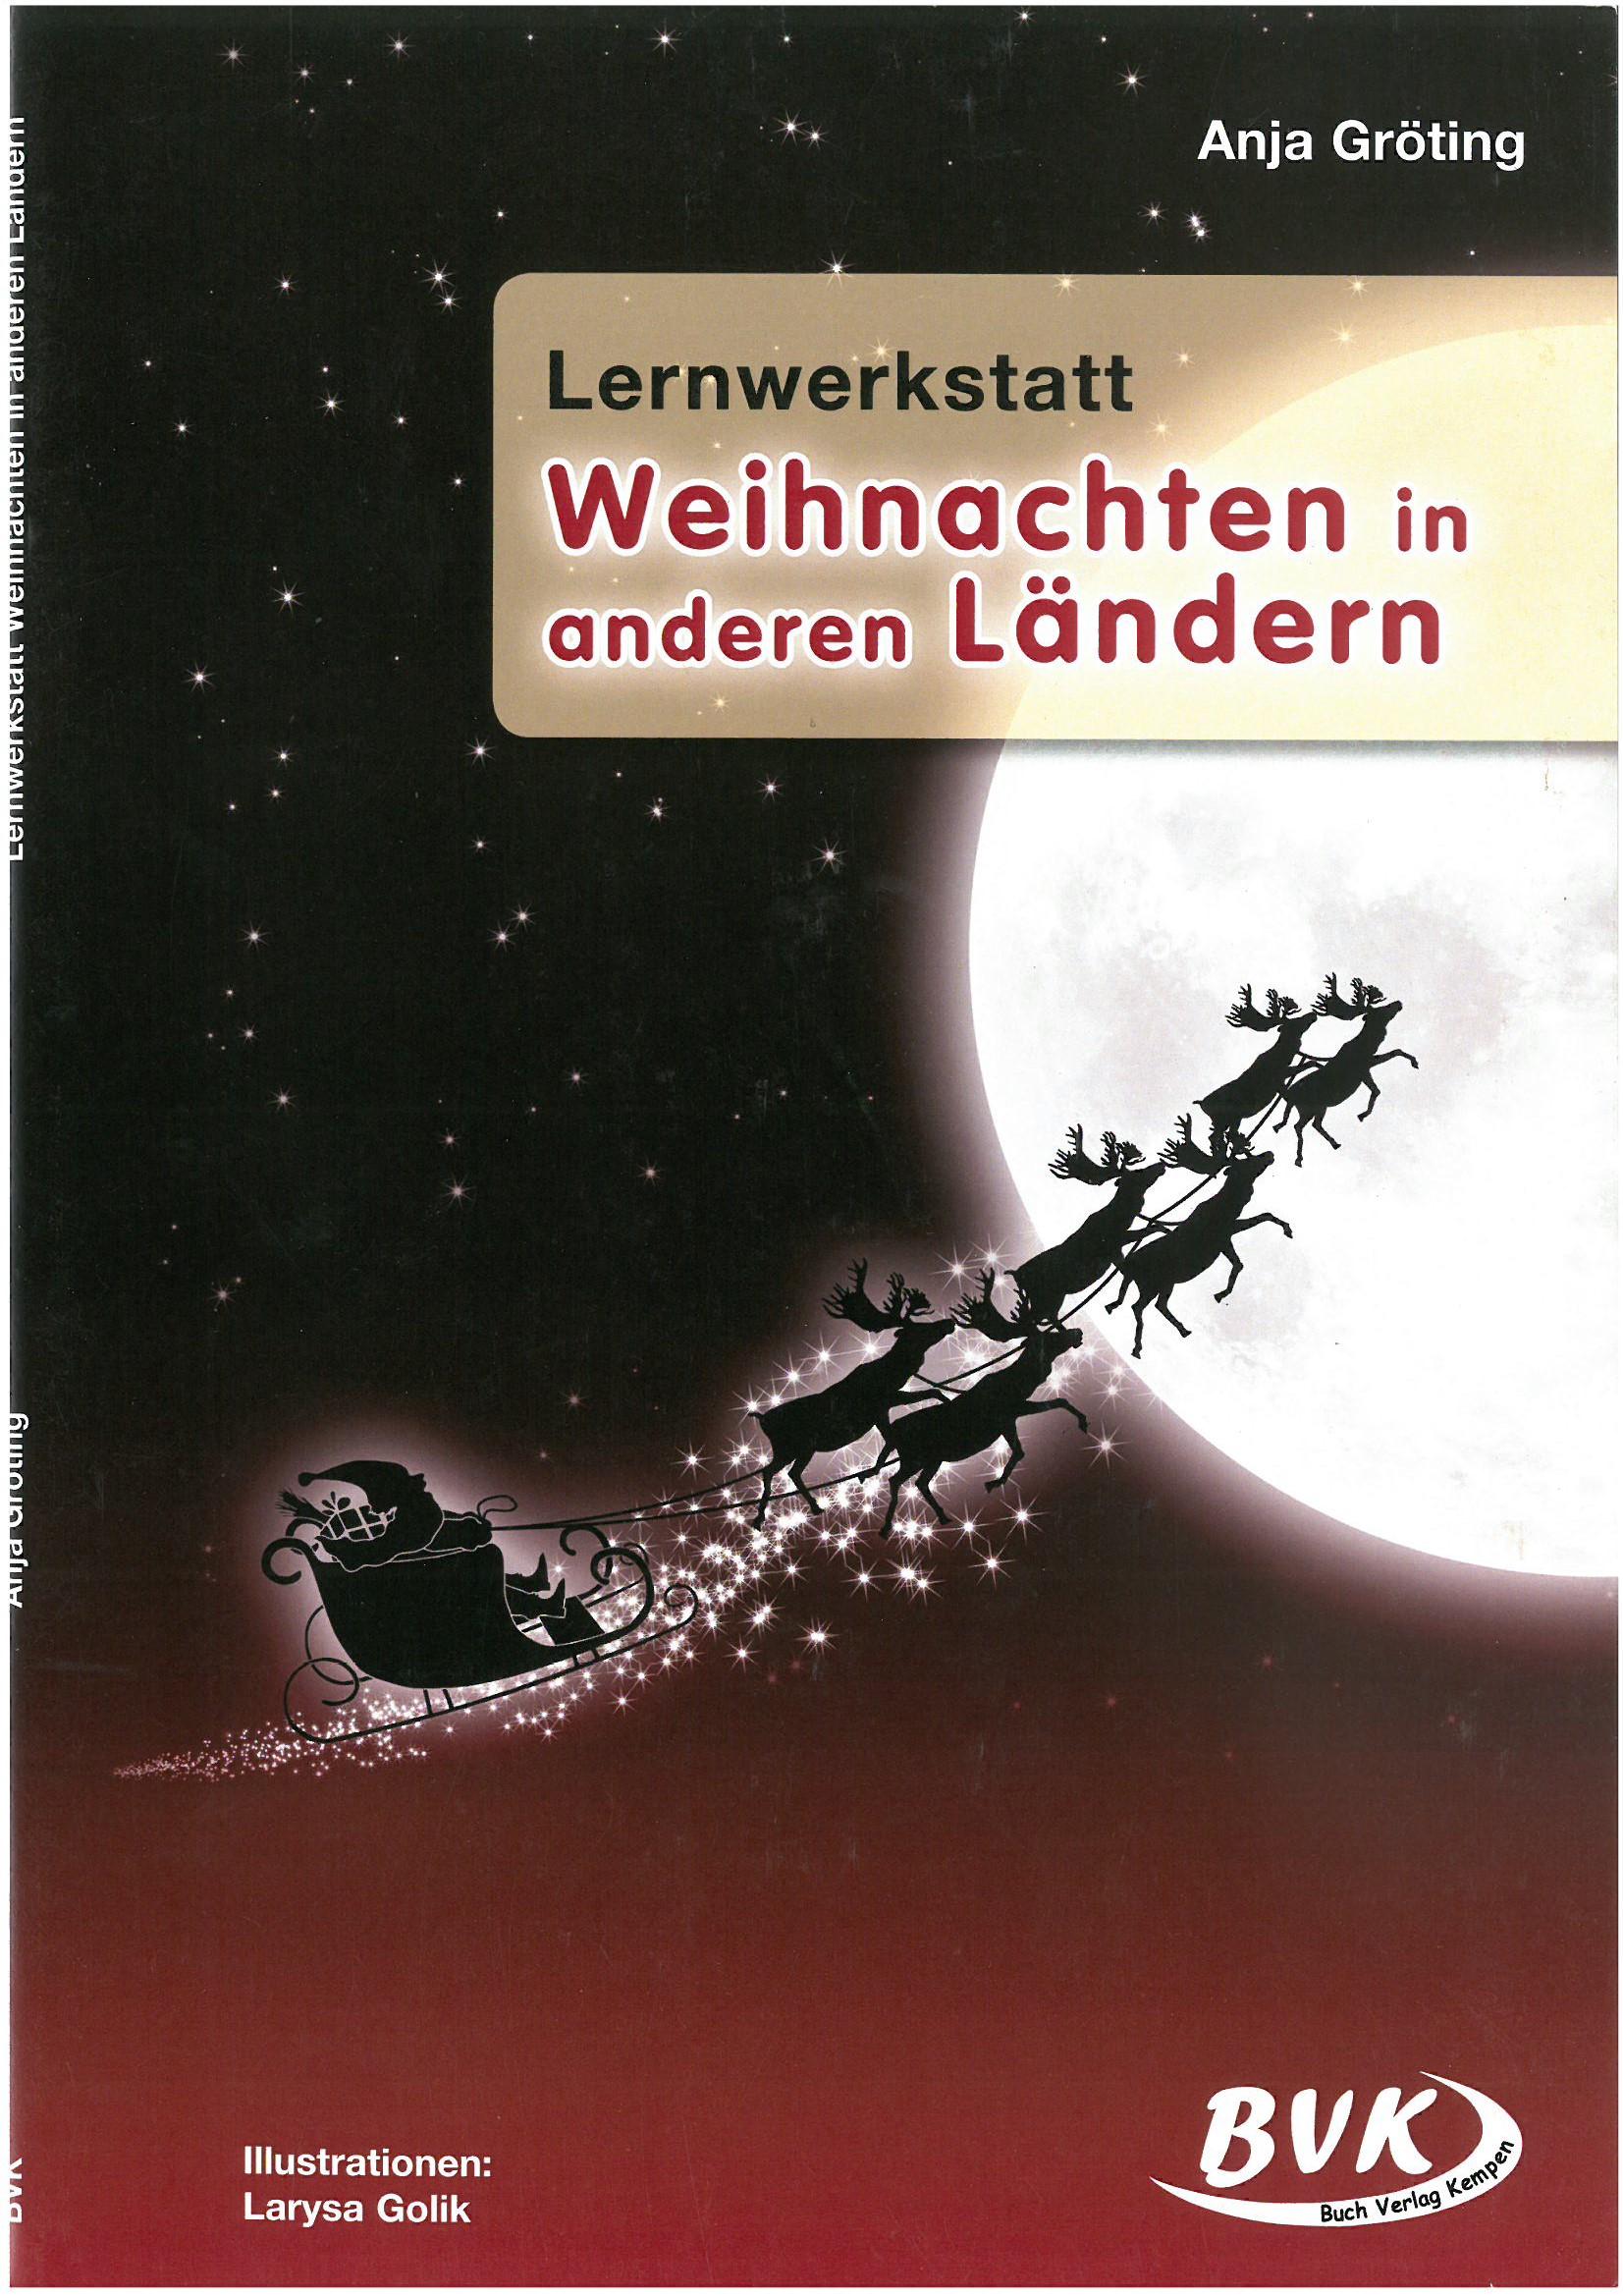 VBE-Verlag NRW GmbH - Onlineshop